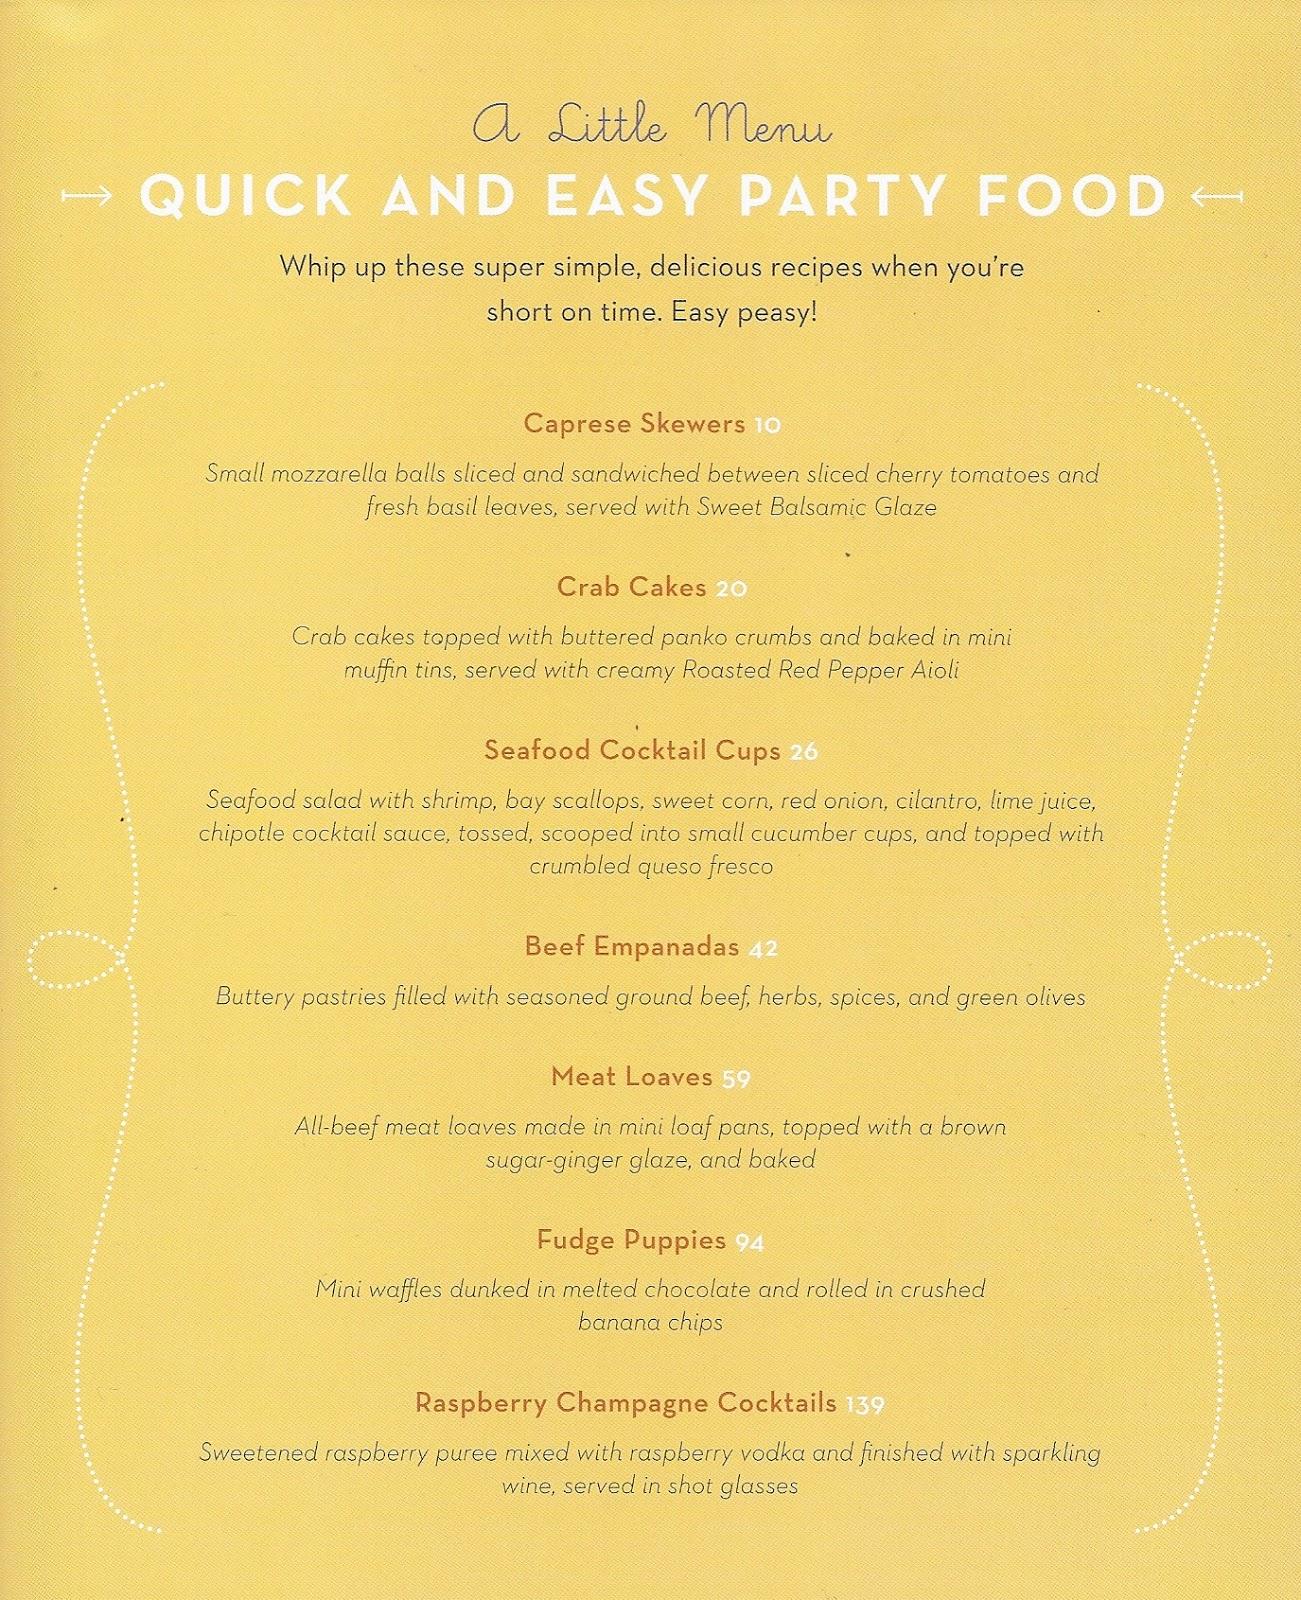 http://1.bp.blogspot.com/-bom5x36VovM/UNuX4M2cDbI/AAAAAAAAUa0/adwaNUgsjCk/s1600/tiny+food+party+menu.jpg